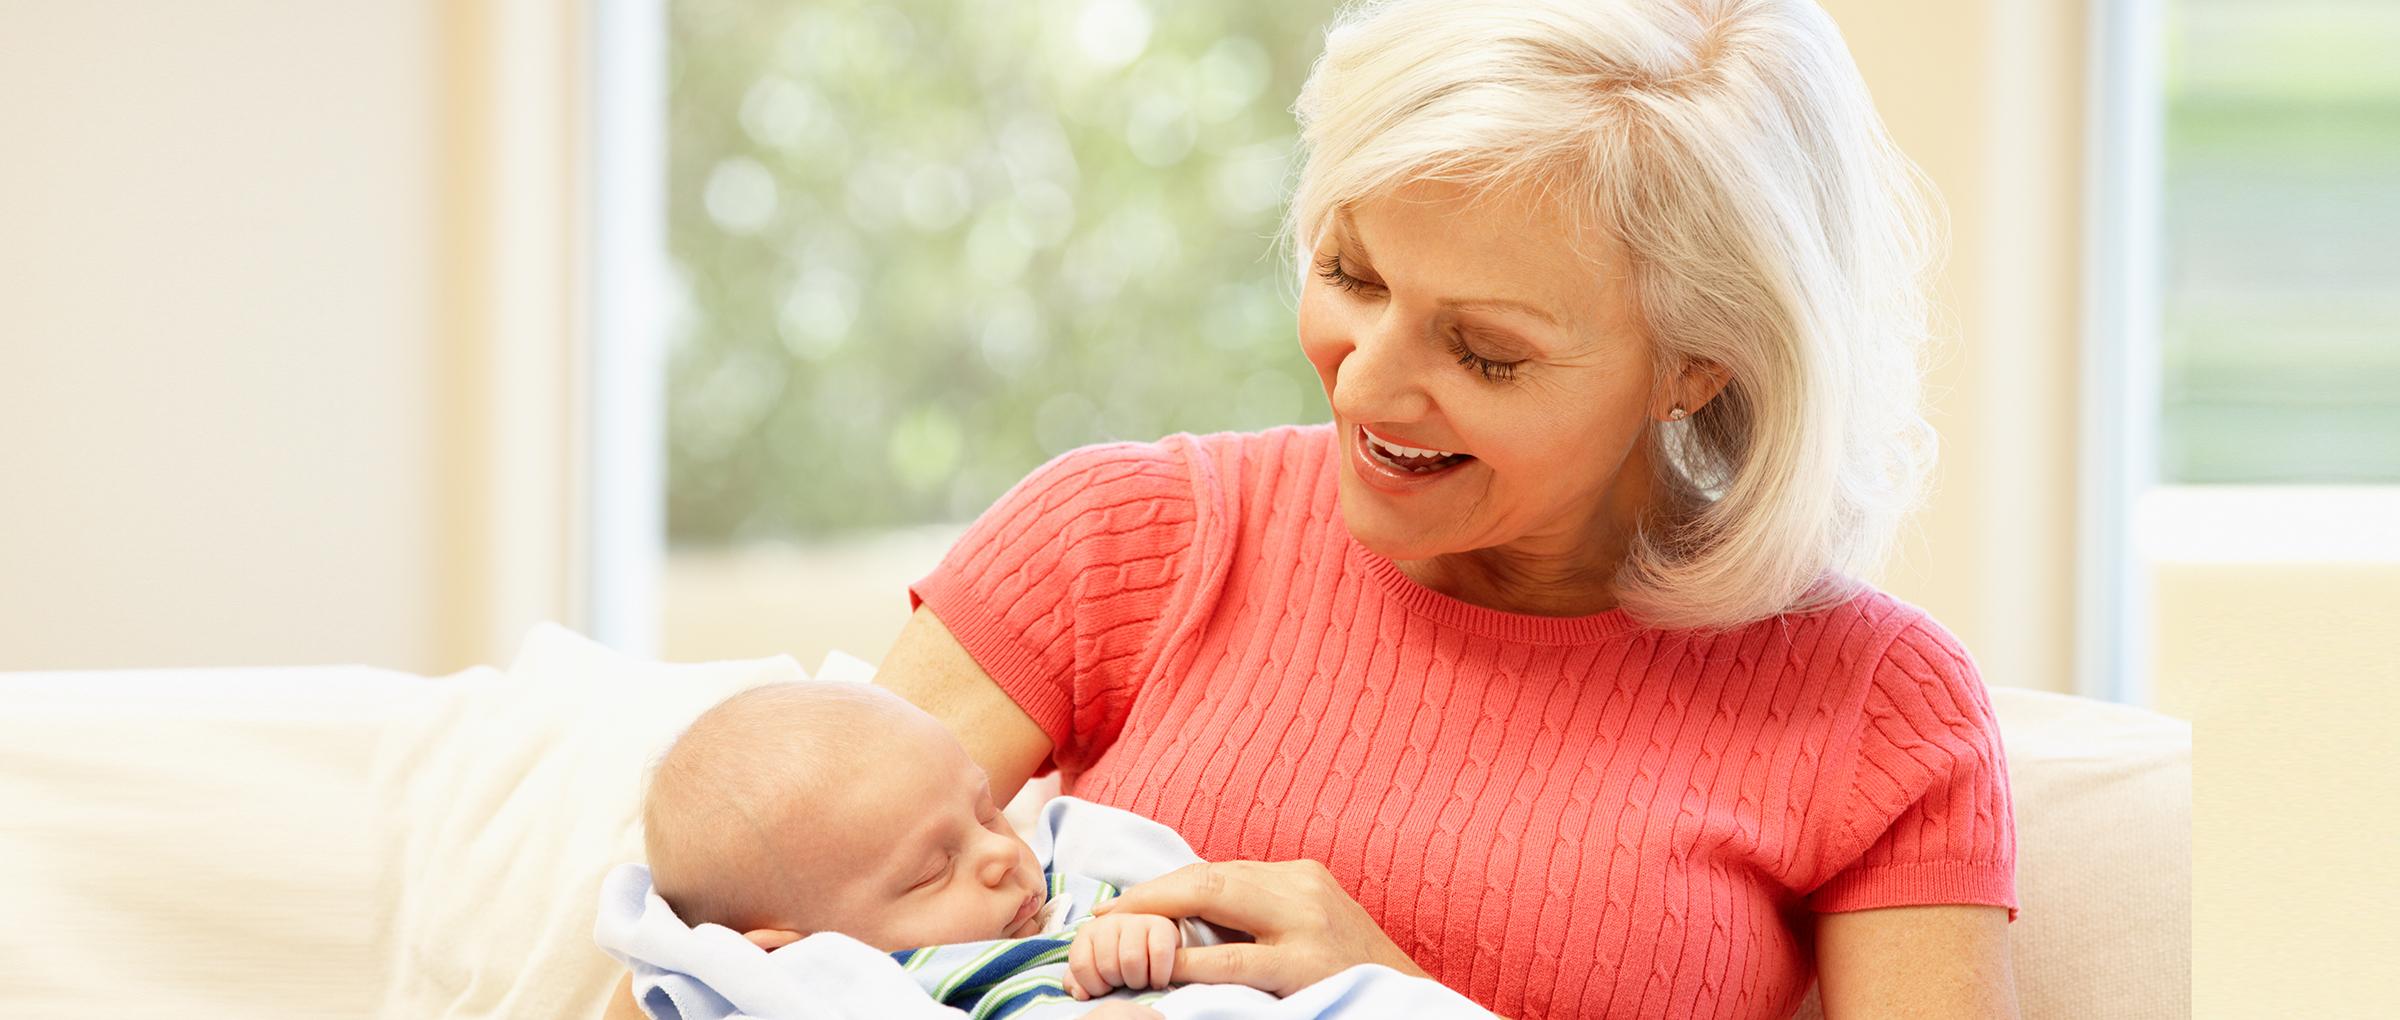 Abuela y gestante